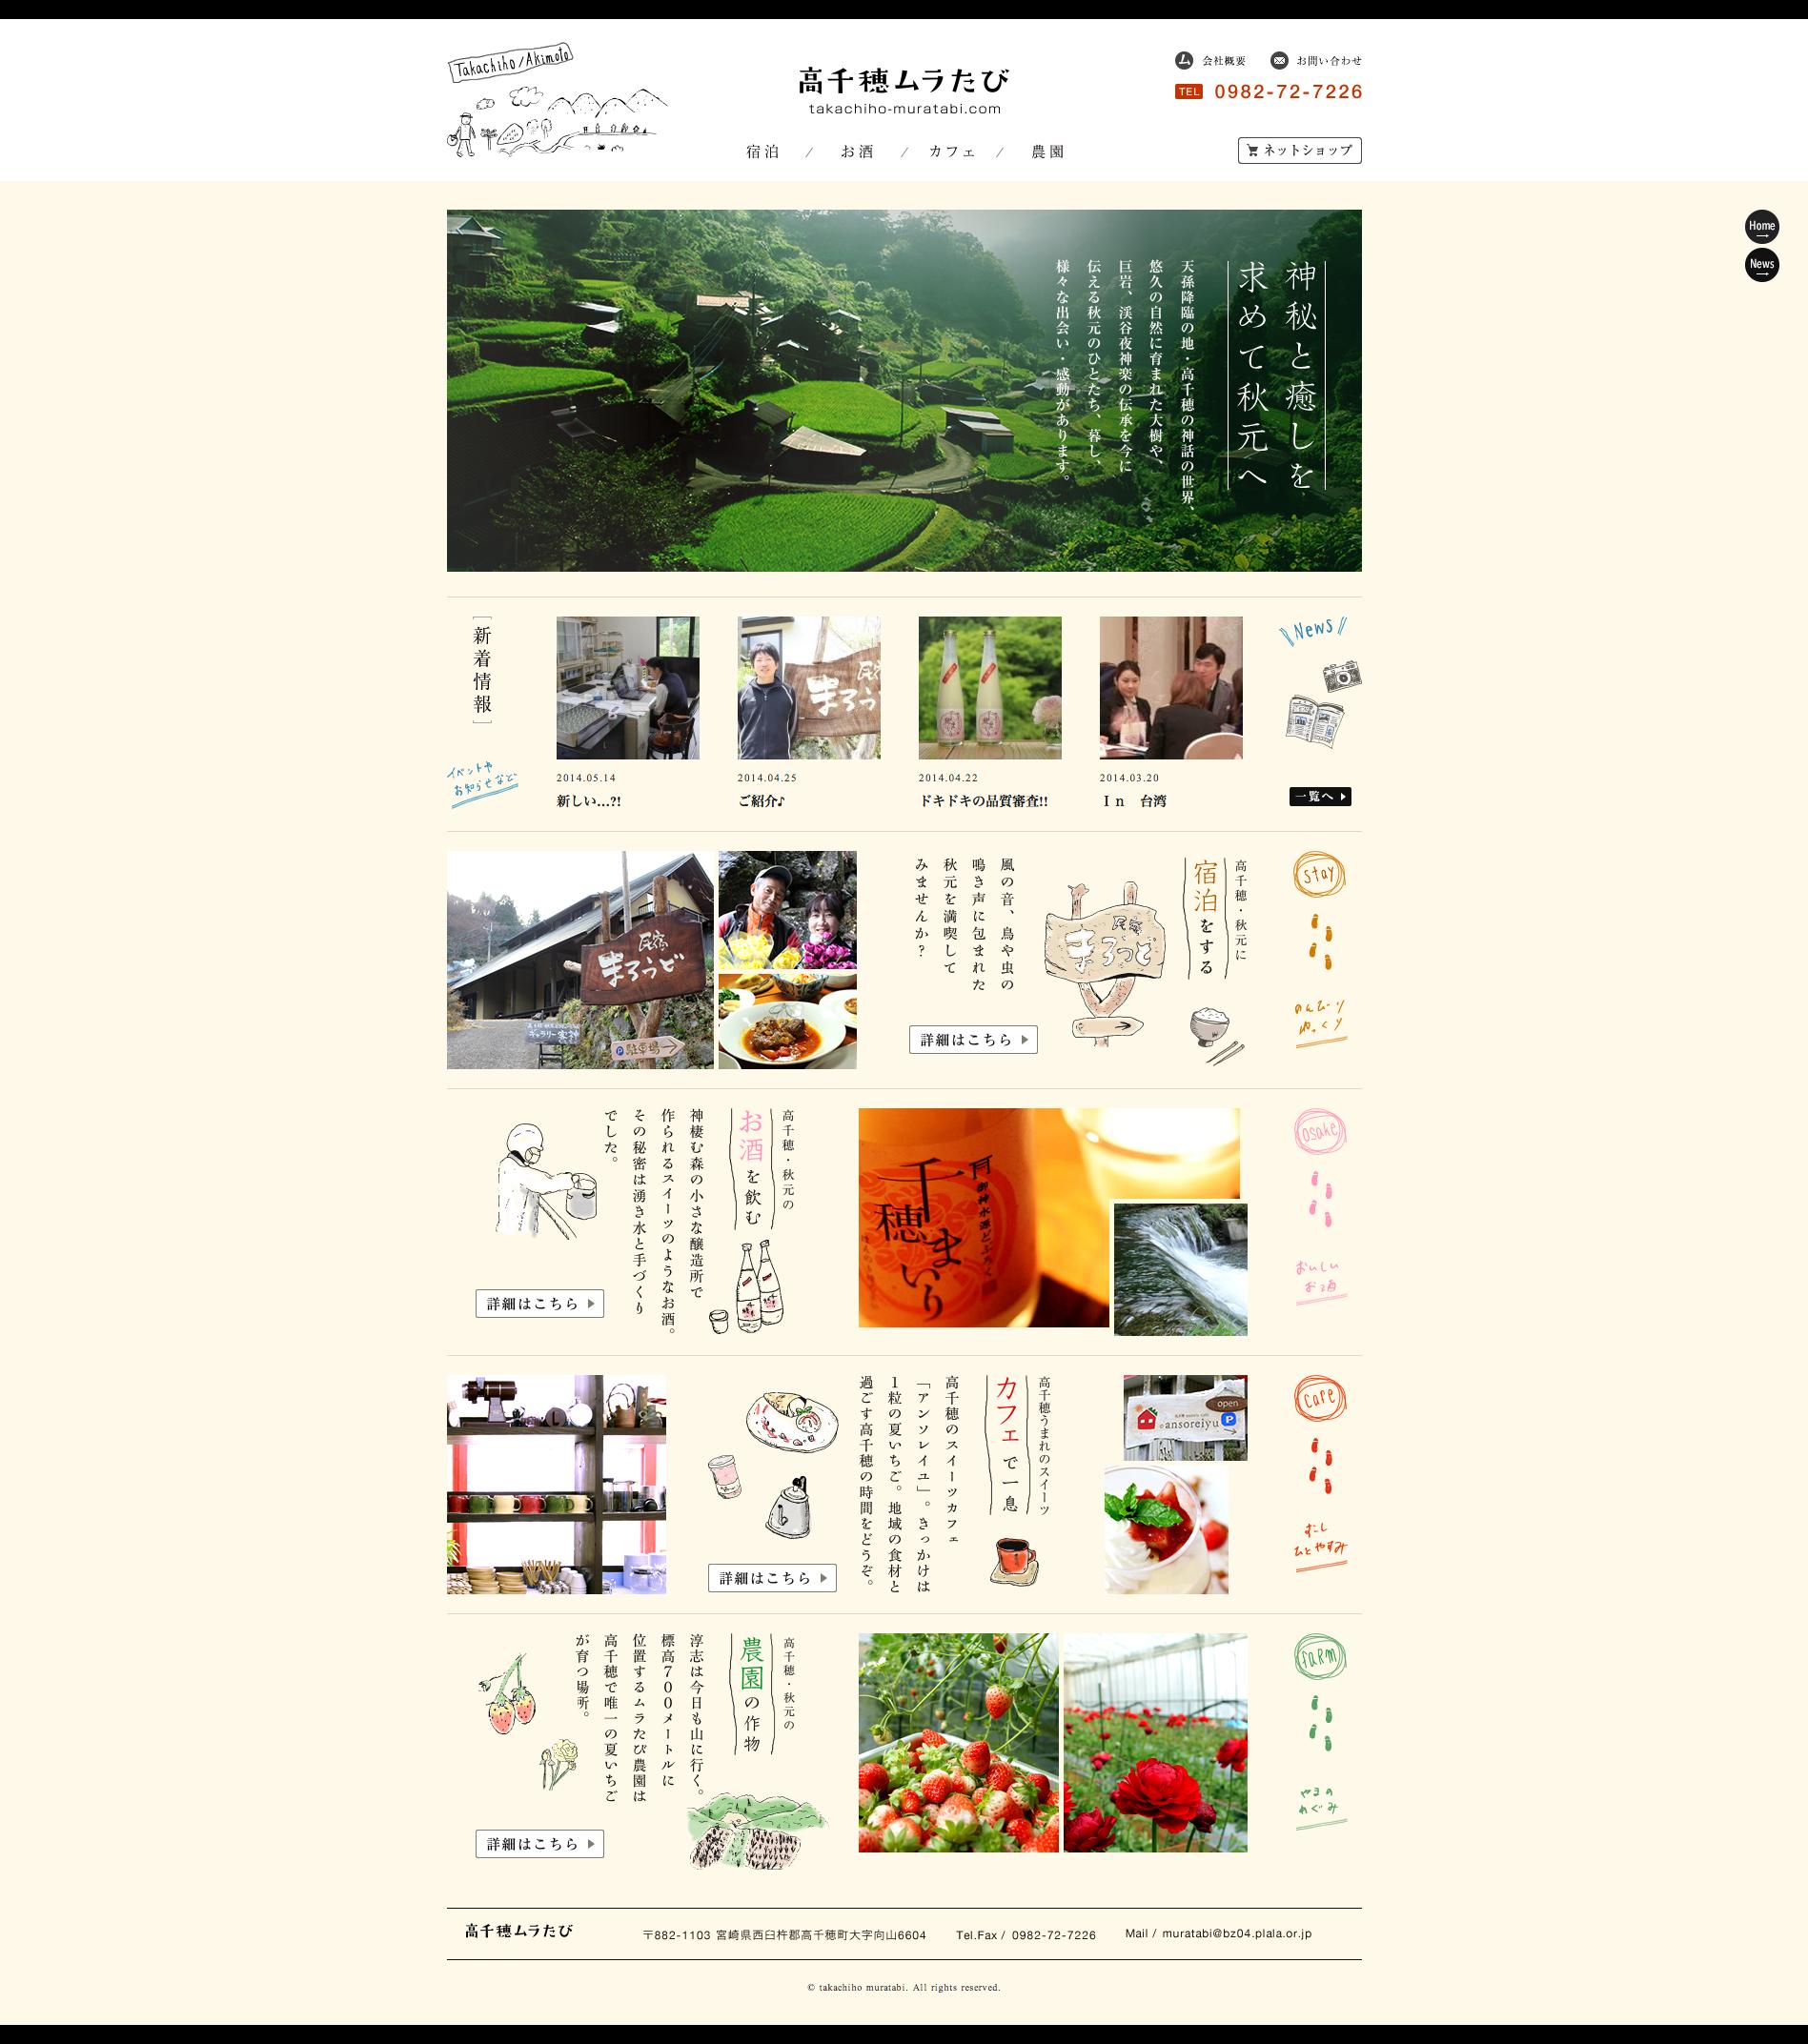 Webpage Screenshot 高千穂ムラたび ウェブデザイン Webデザイン 広報 紙